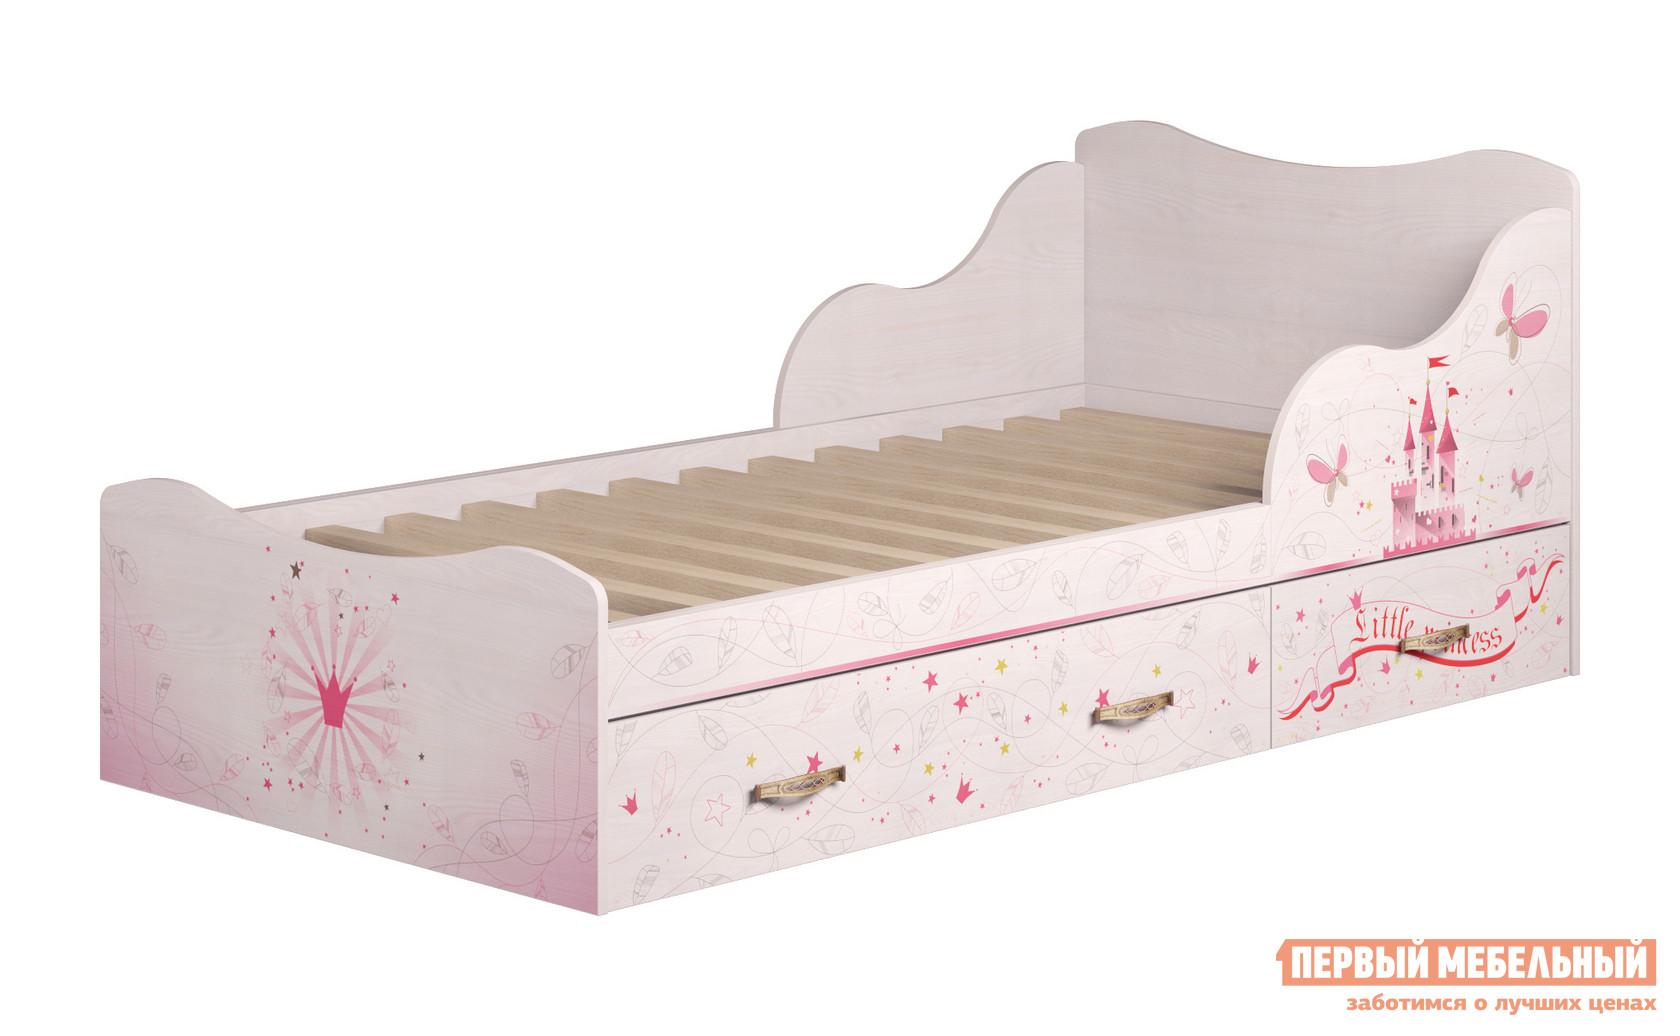 Кровать с ящиками ТД Арника Принцесса (05) шкаф для одежды тд арника принцесса 01 принцесса 01 принцесса 02